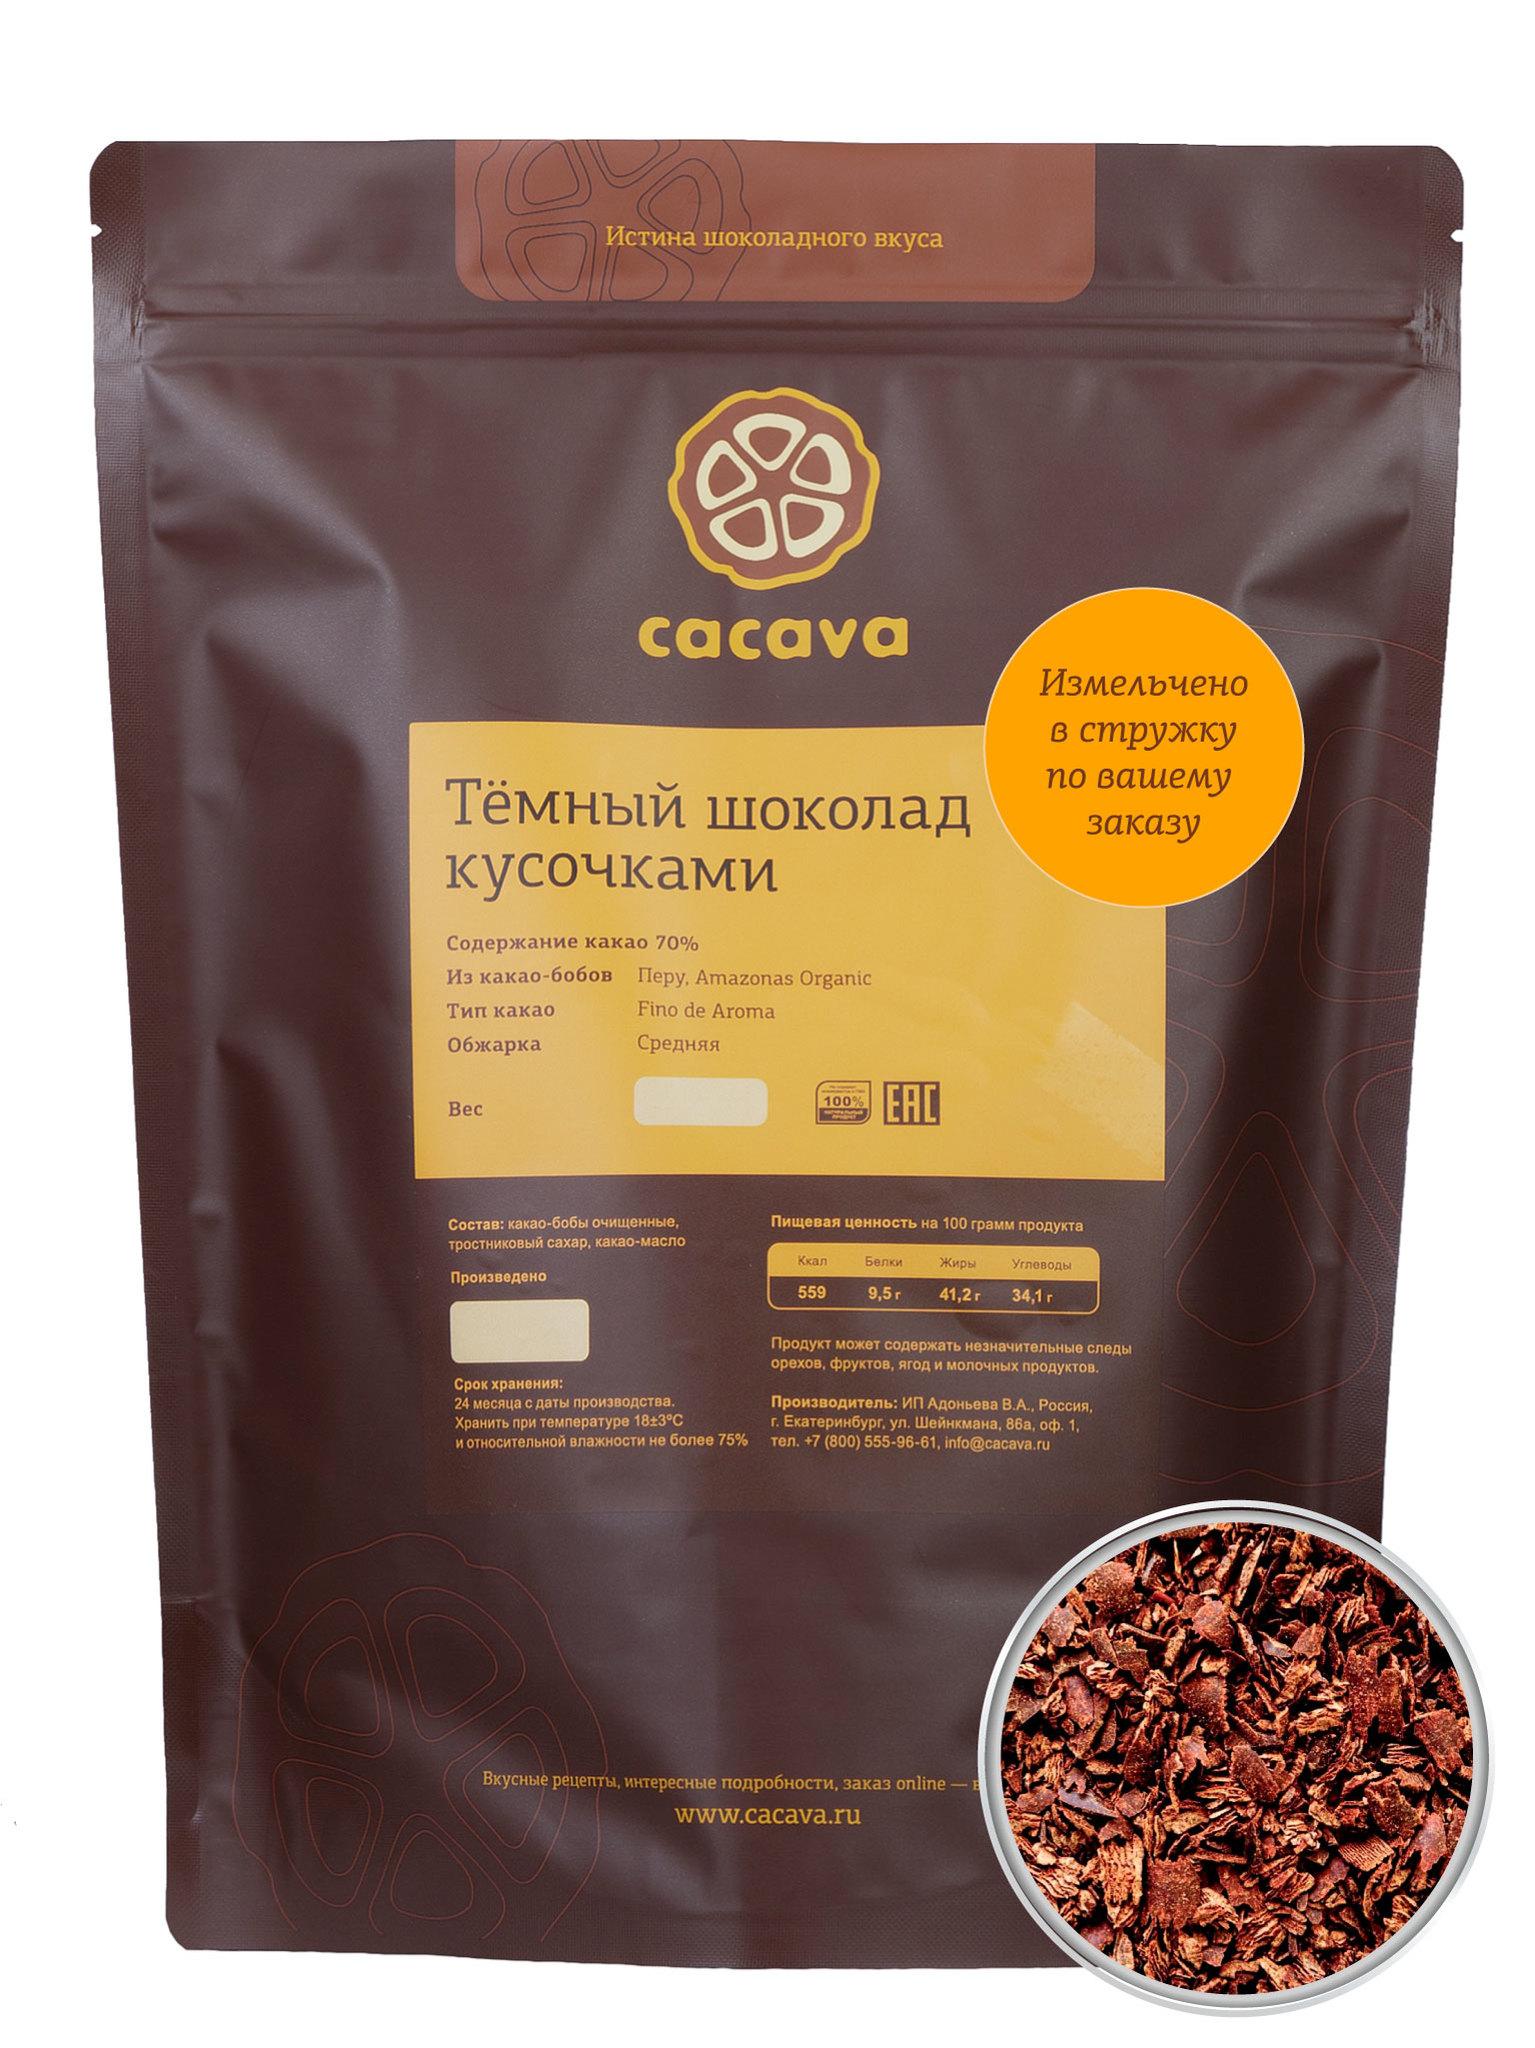 Тёмный шоколад 70 % какао в стружке (Перу, Amazonas), упаковка 1 кг